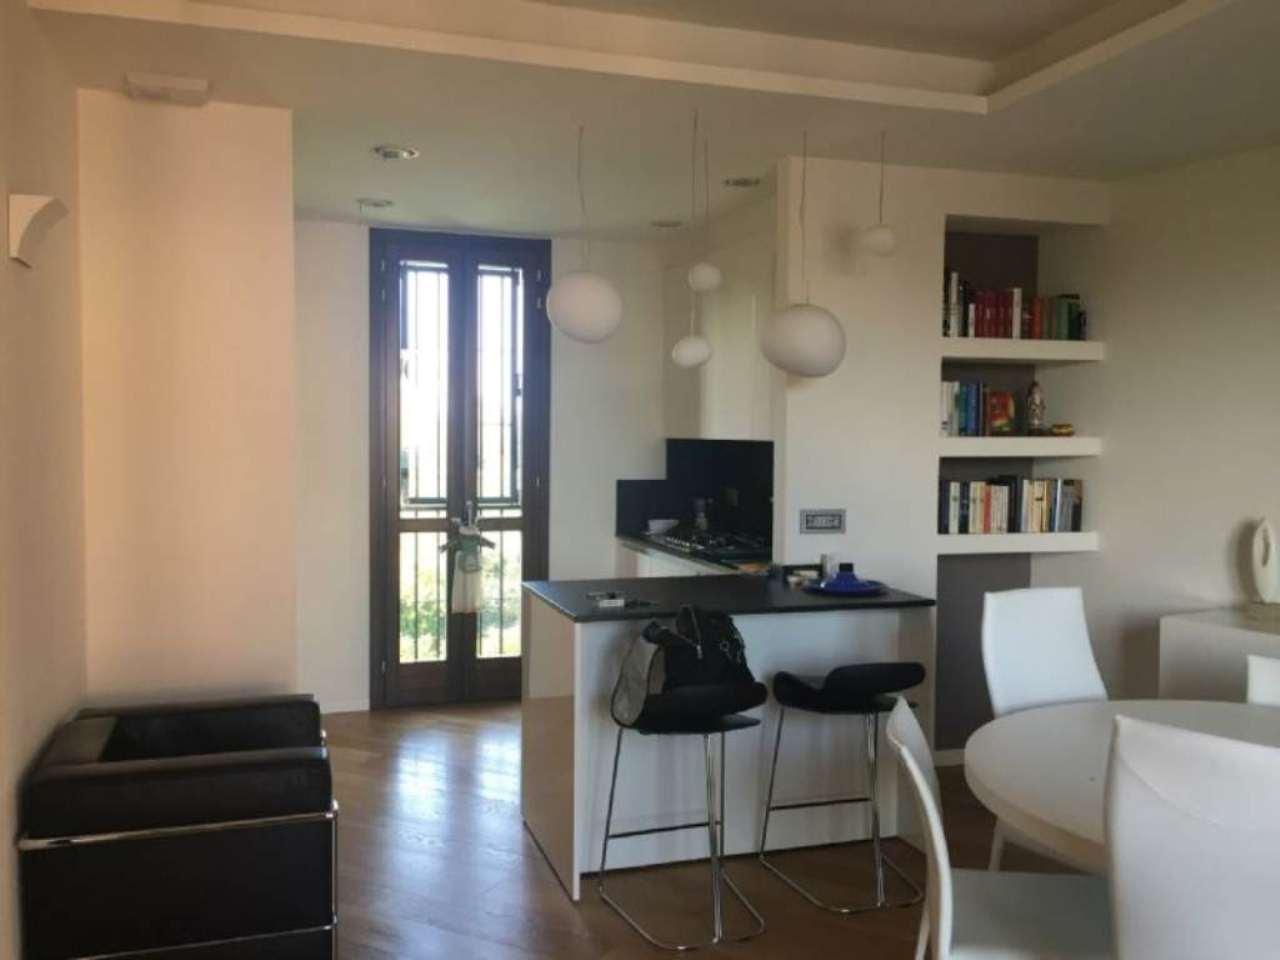 Attico / Mansarda in vendita a Formigine, 4 locali, prezzo € 380.000 | CambioCasa.it